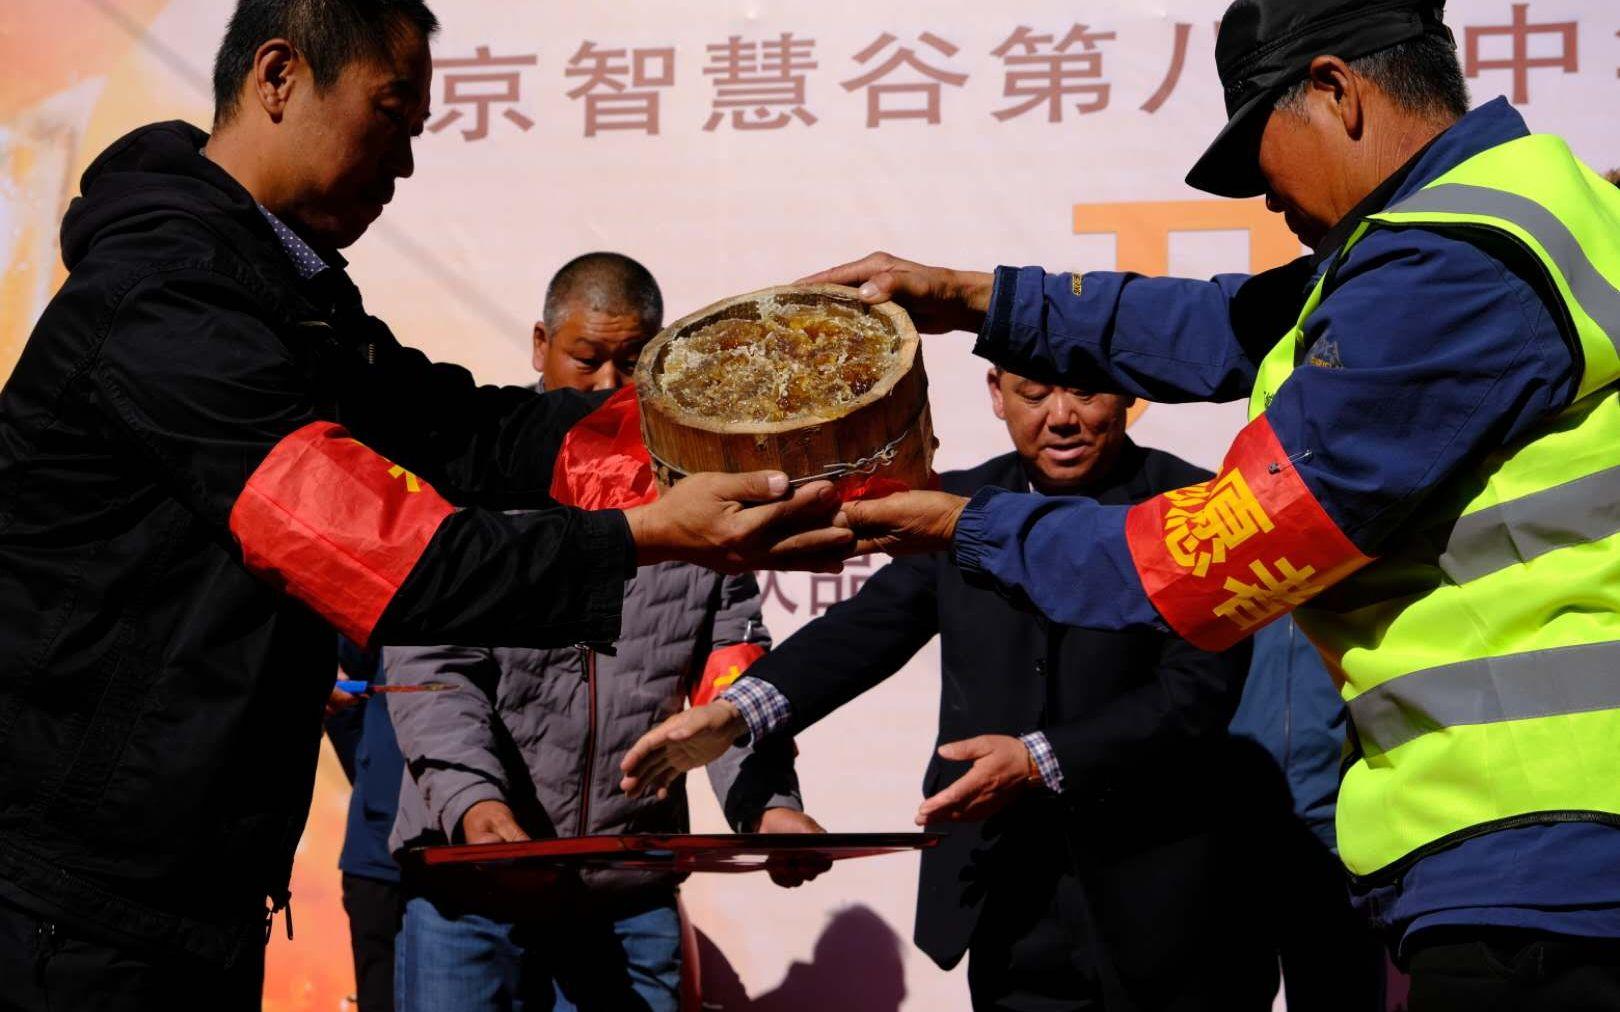 开幕式上蜂农在展示本年初次割下的蜂蜜。新京报记者 王巍 摄